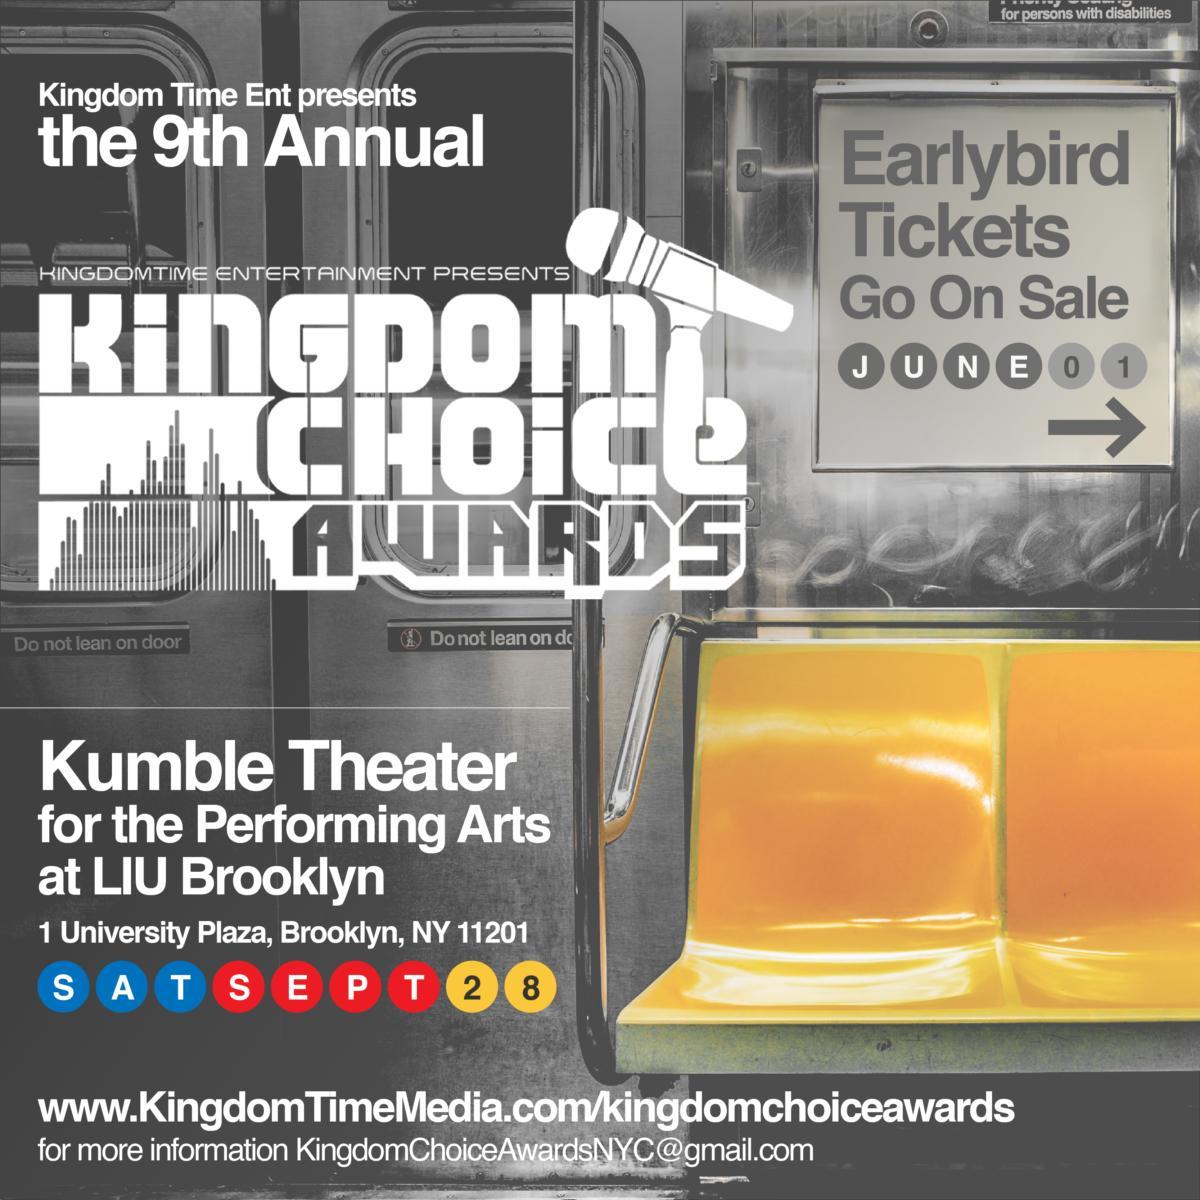 Kumble Theater (@KumbleTheater) | Twitter